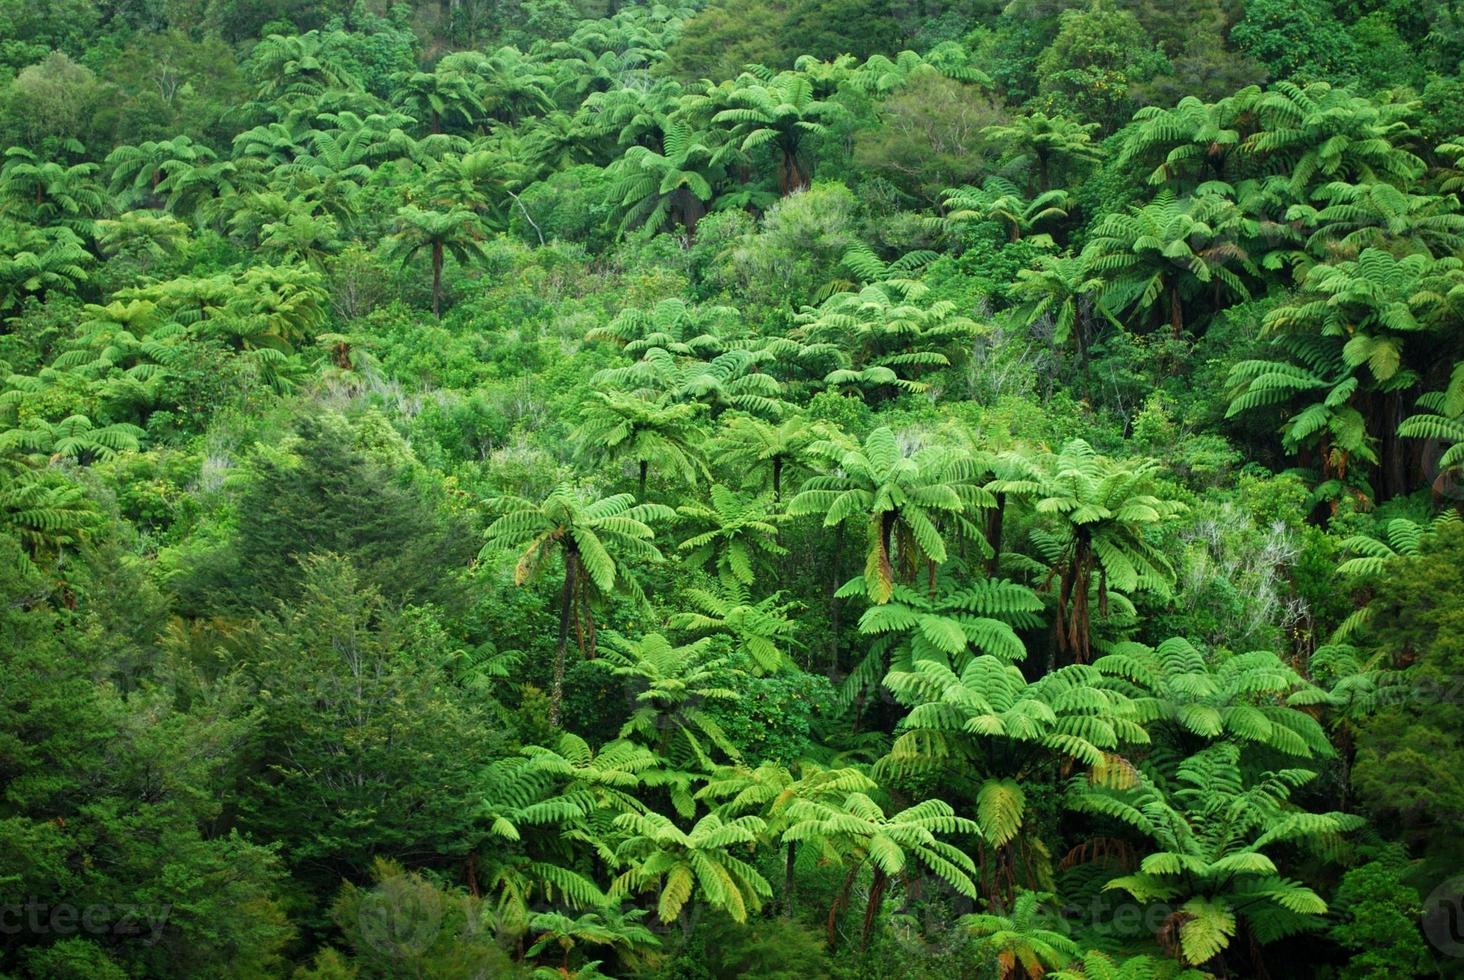 Pungas & einheimischer Buschhintergrund, nz foto